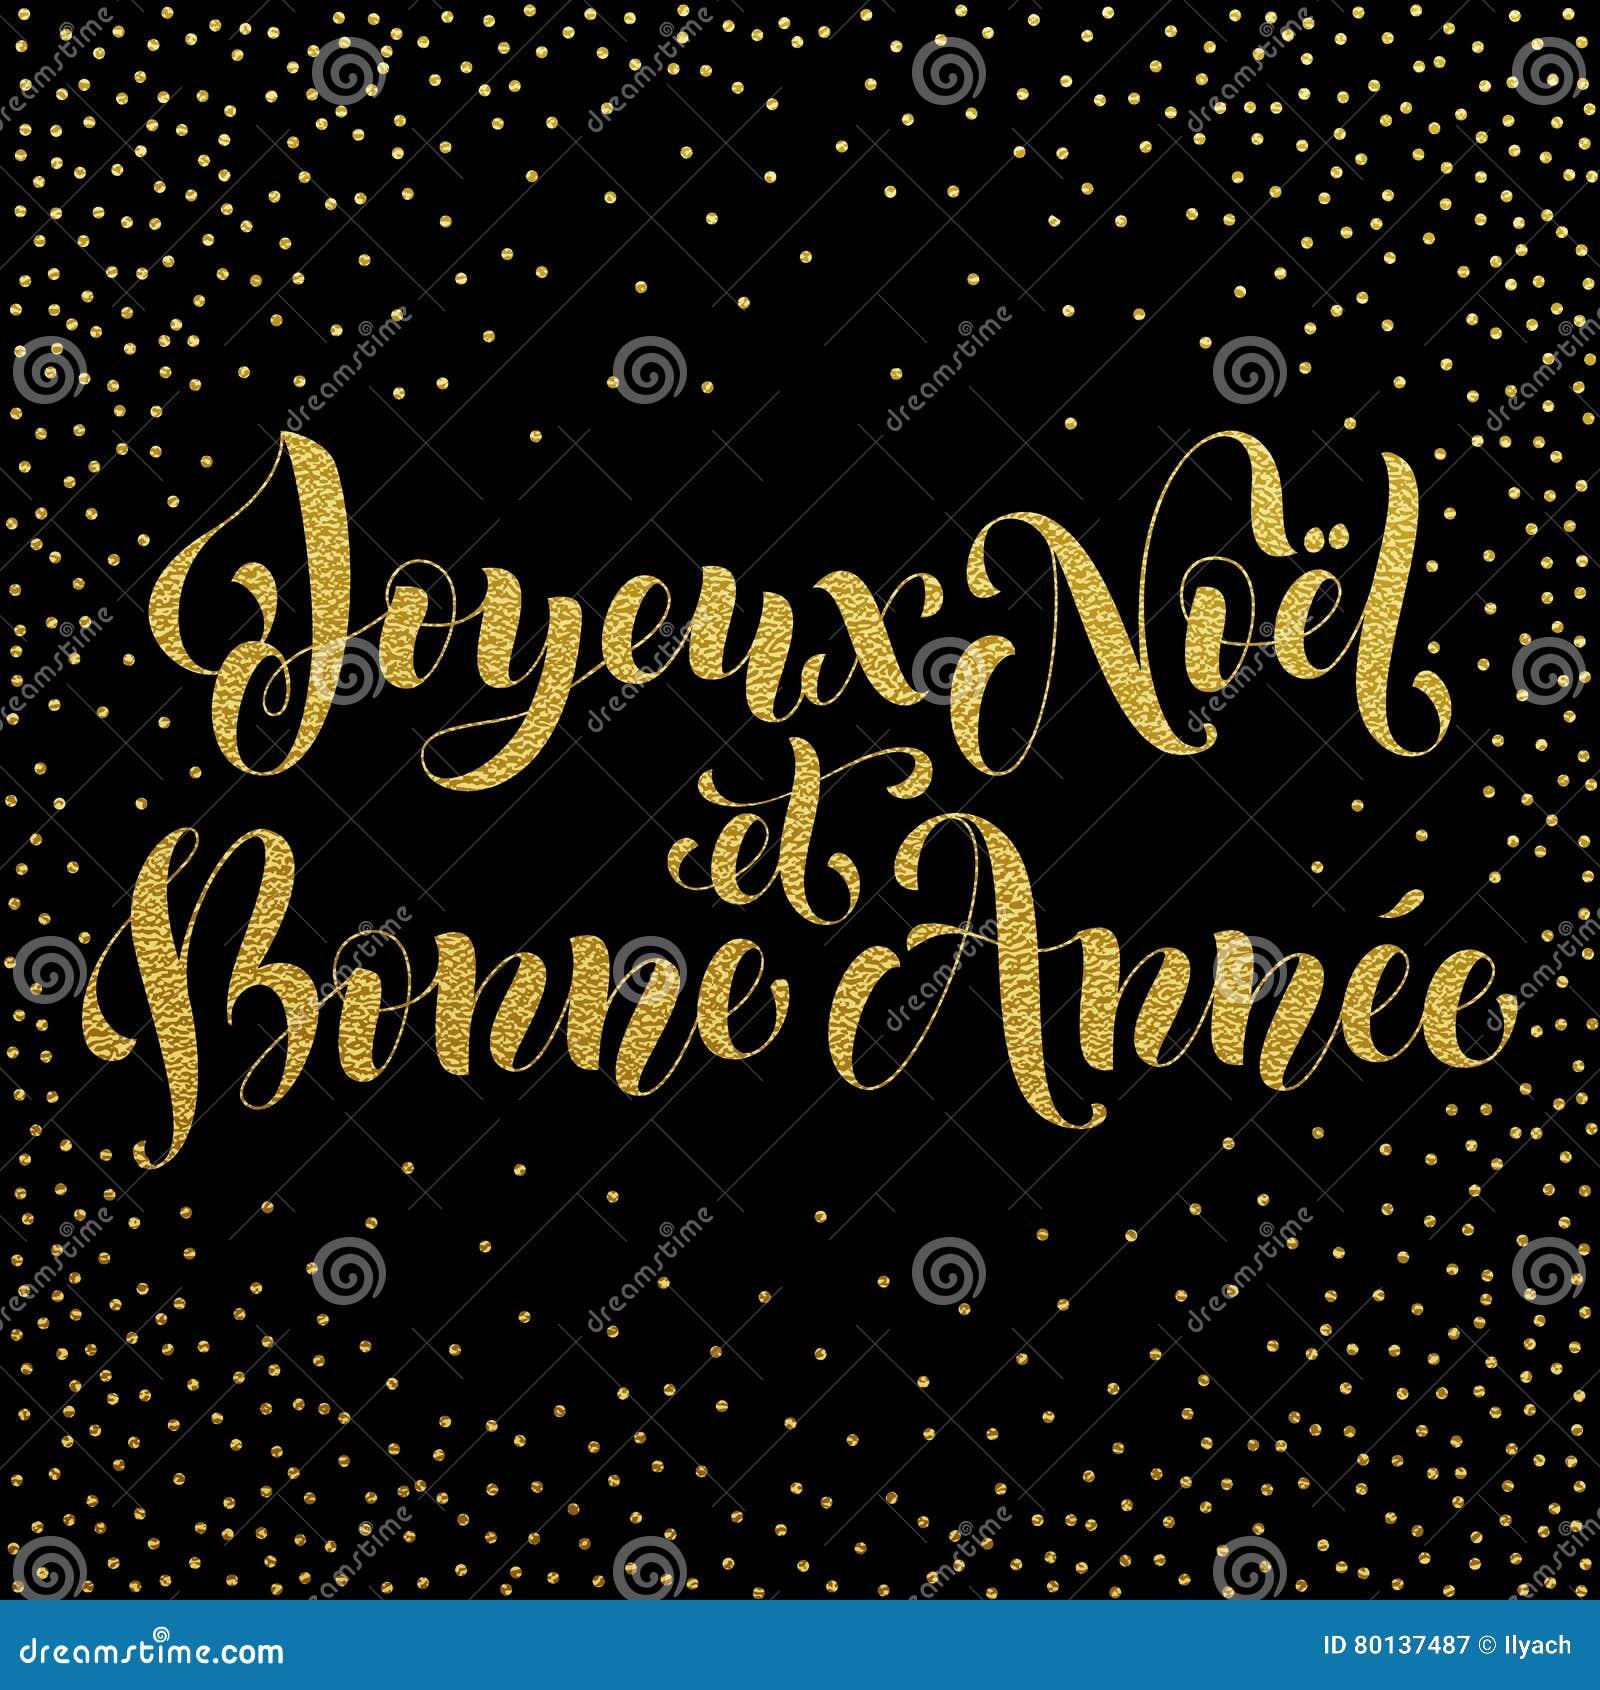 Joyeux Noel Bonne Annee Francuski Kartka Z Pozdrowieniami Plakat